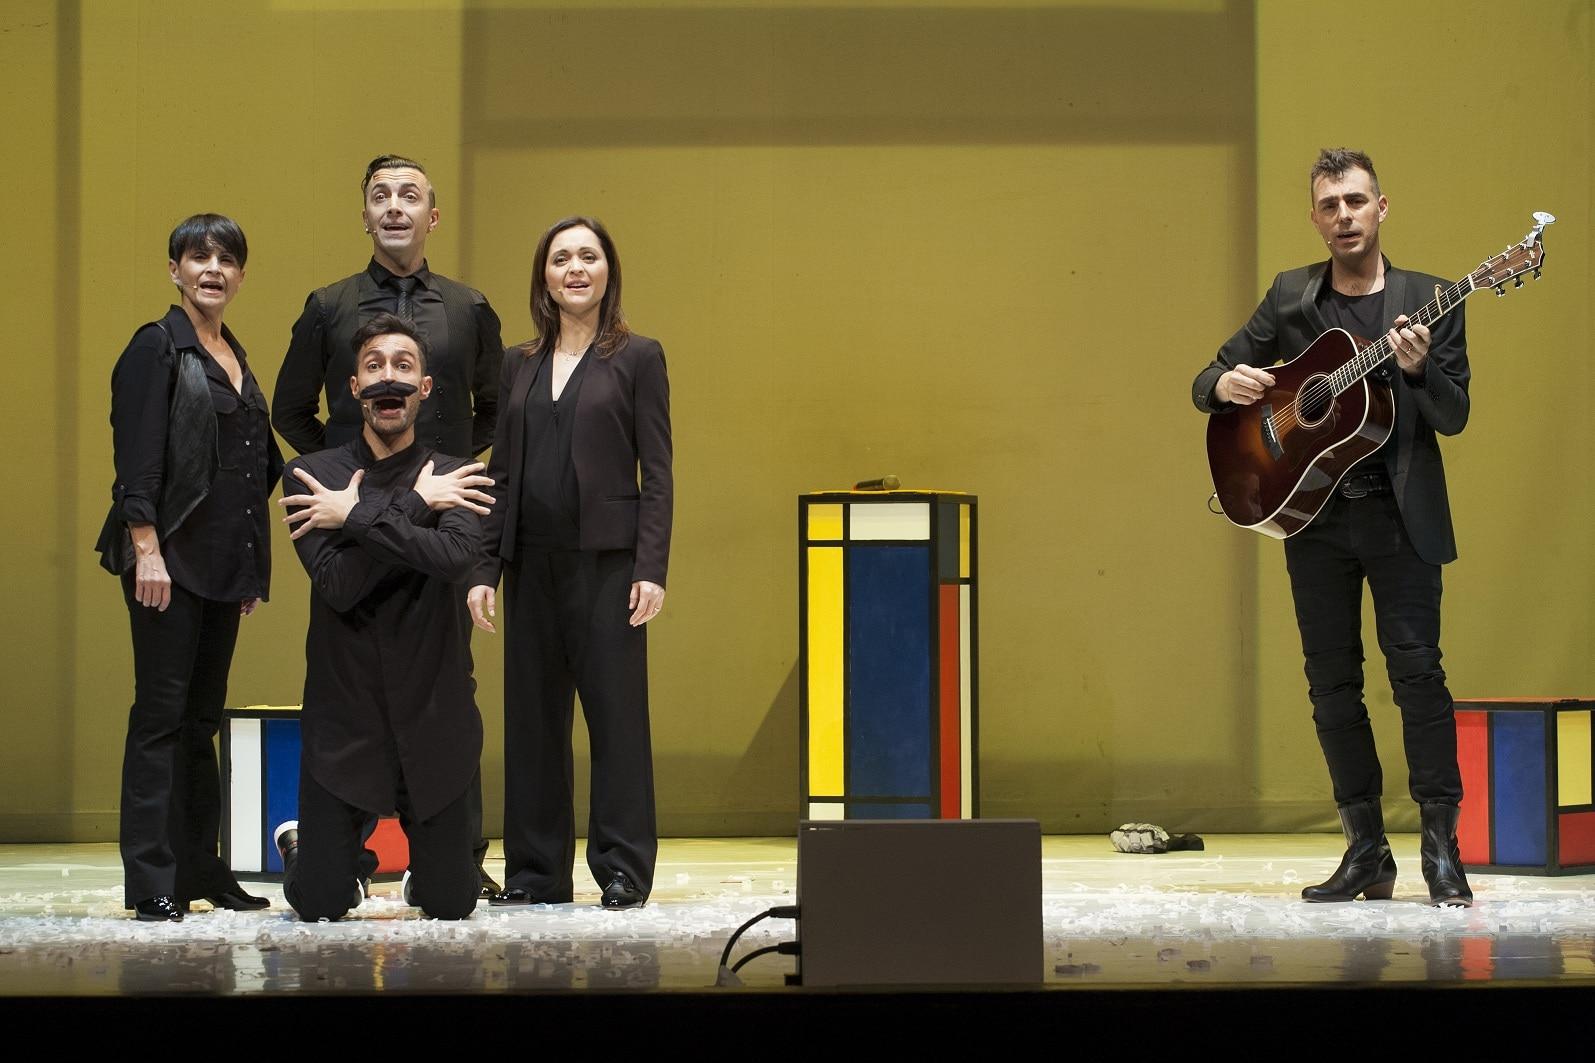 """Saranno gli Oblivion, gruppo vocale divenuto celebre attraverso il web a calcare la scena di """"Ventimiglia a Teatro"""" per il secondo appuntamento della ricca stagione in corso. Melodia e umorismo…"""